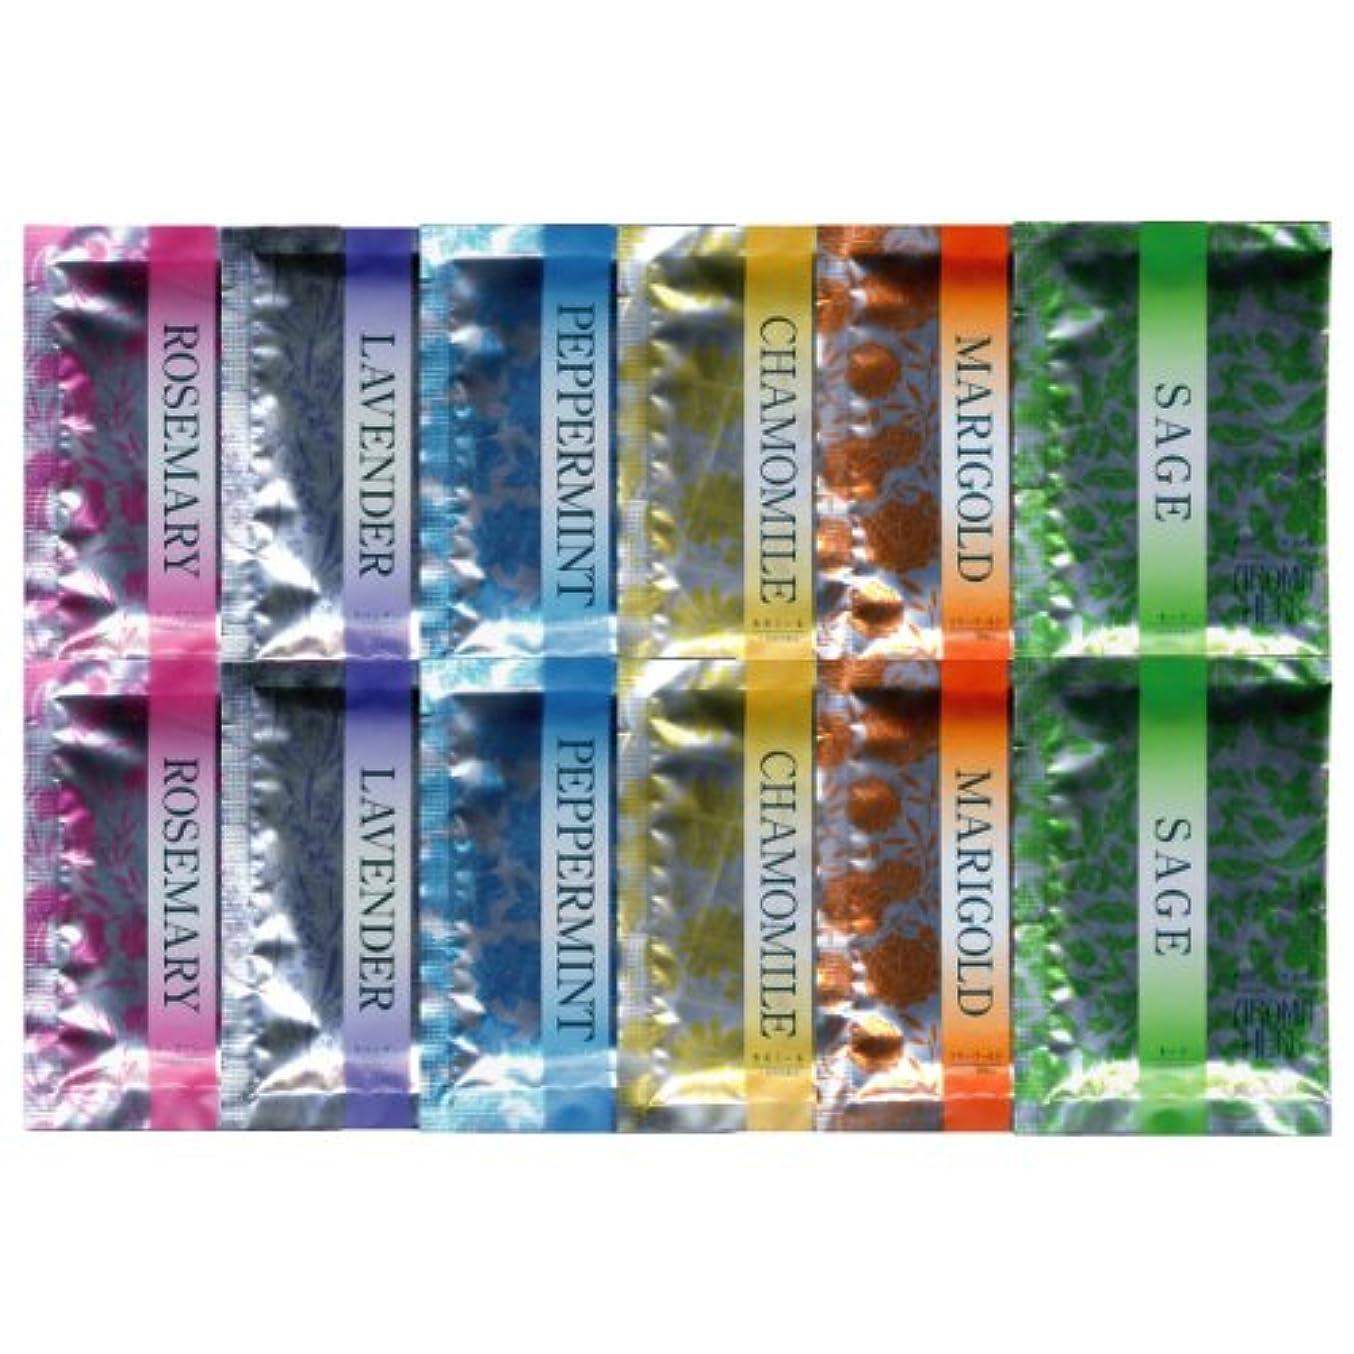 パッケージ苗男やもめアロマハーブ 香りの物語 6種類×2 12包